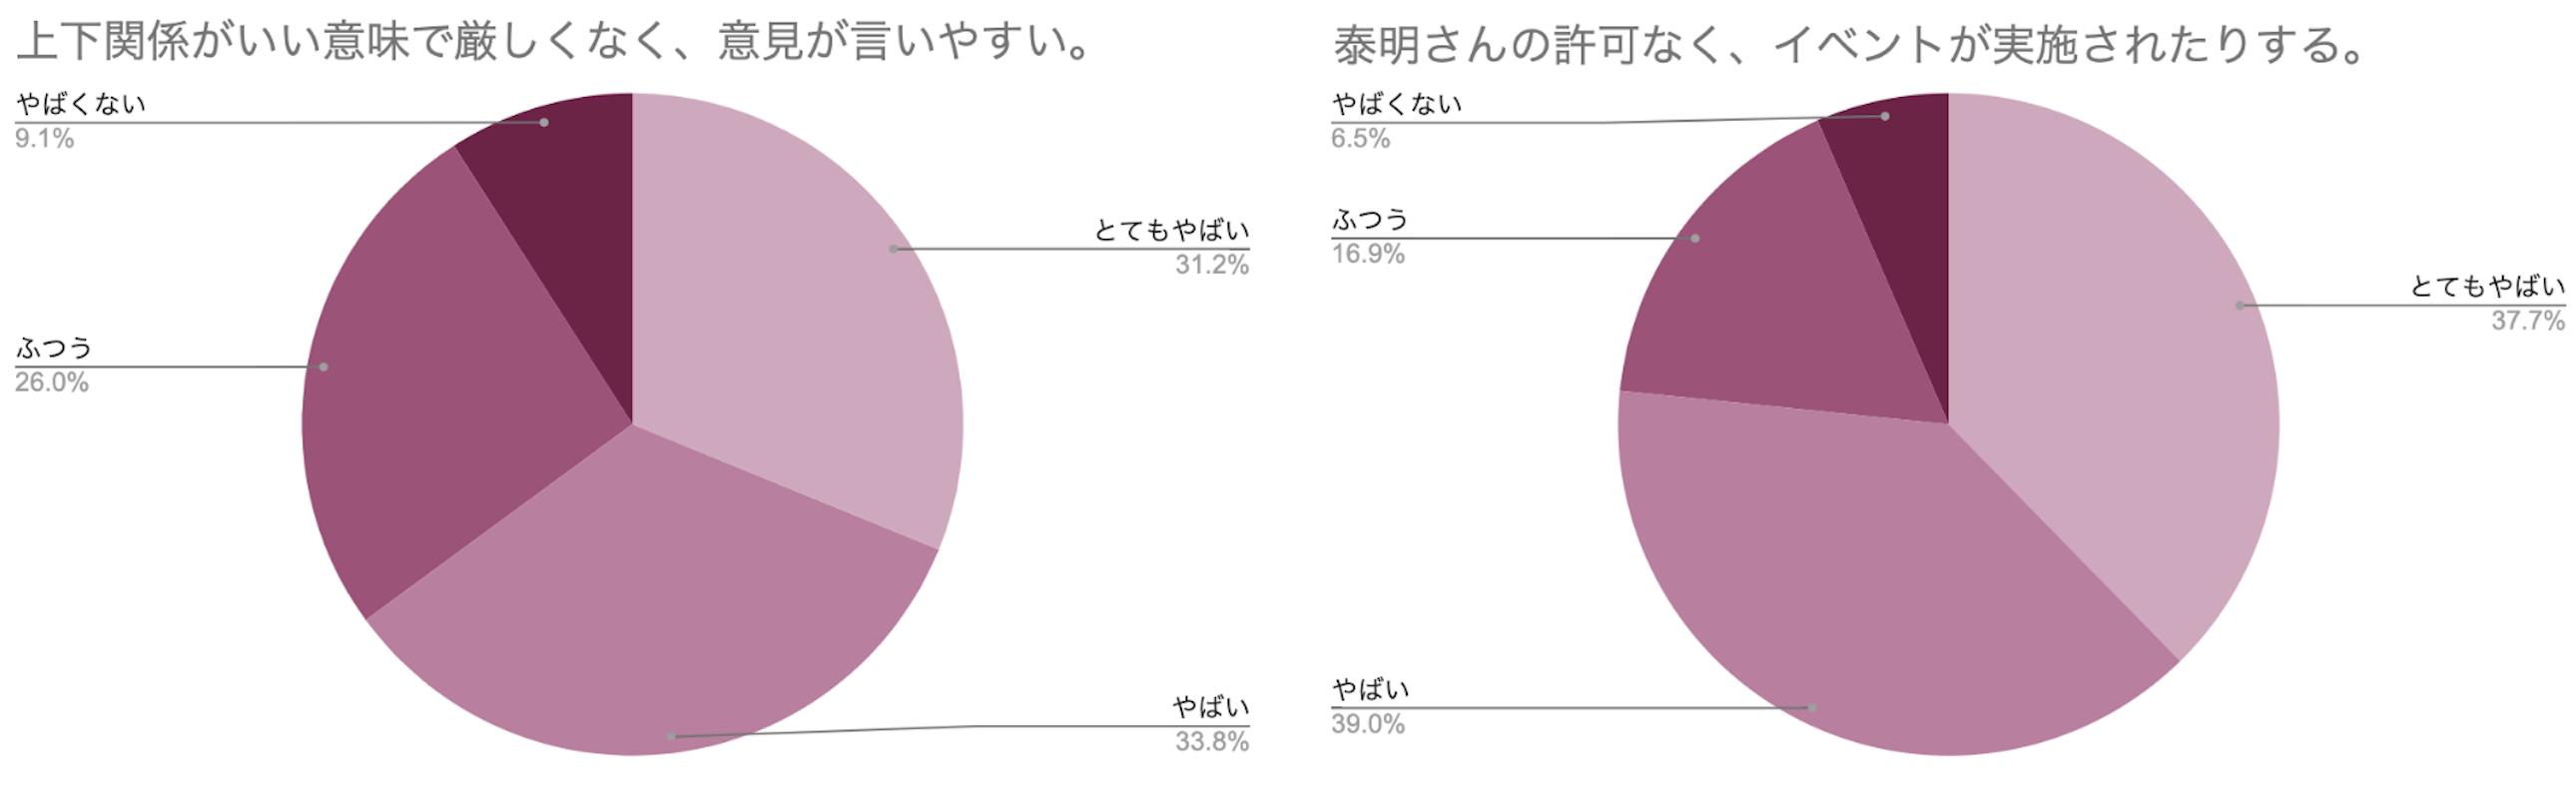 円グラフ 上下関係が厳しくなく意見が言いやすい 泰明さんの許可なくイベントが実施される